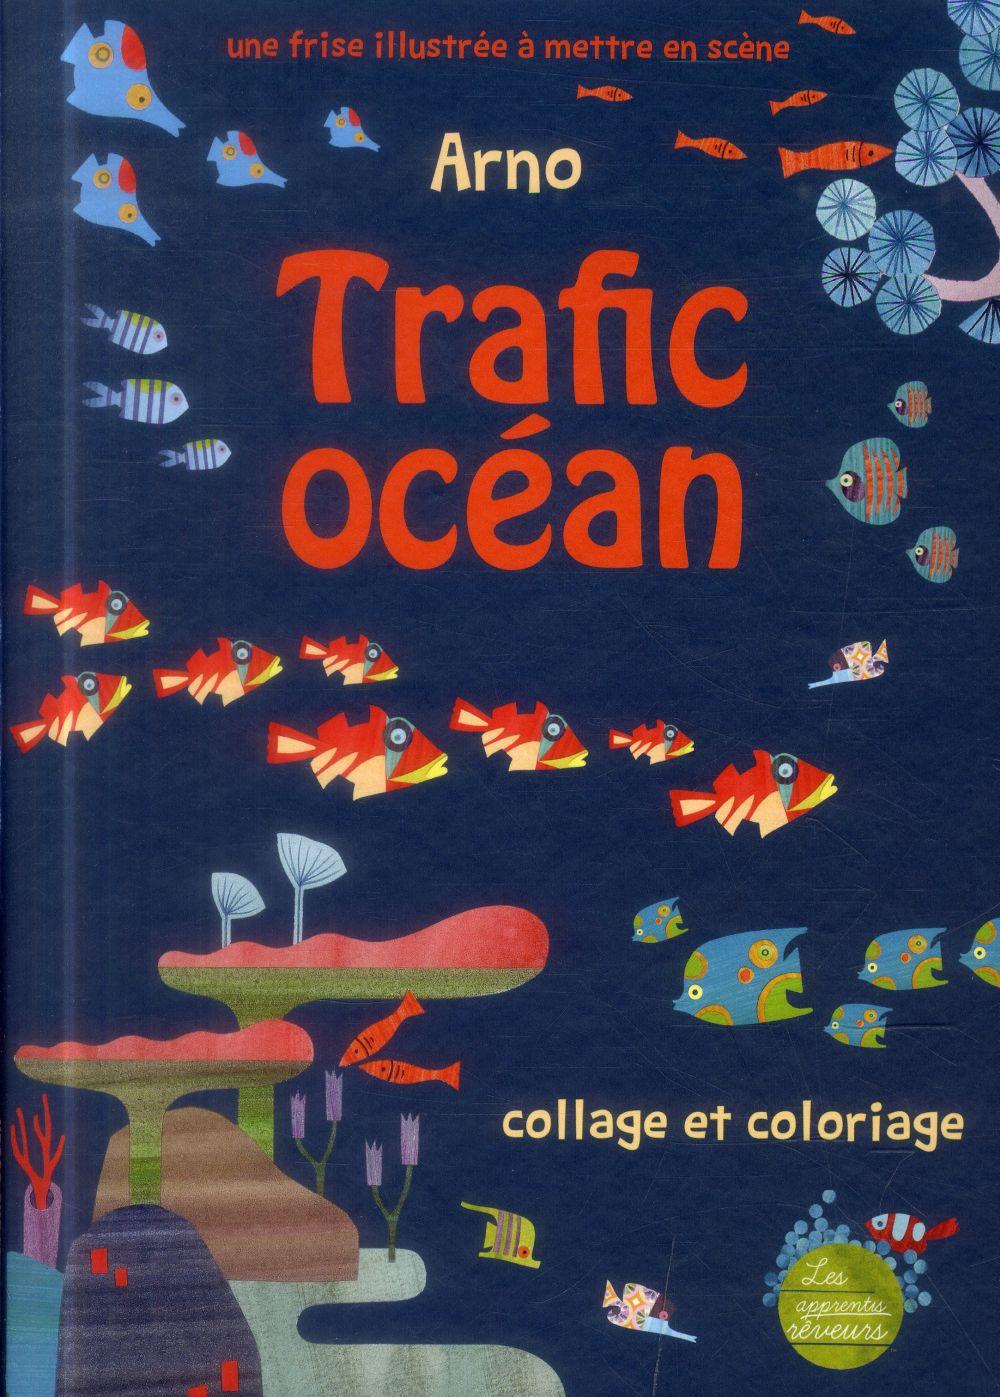 Trafic océan